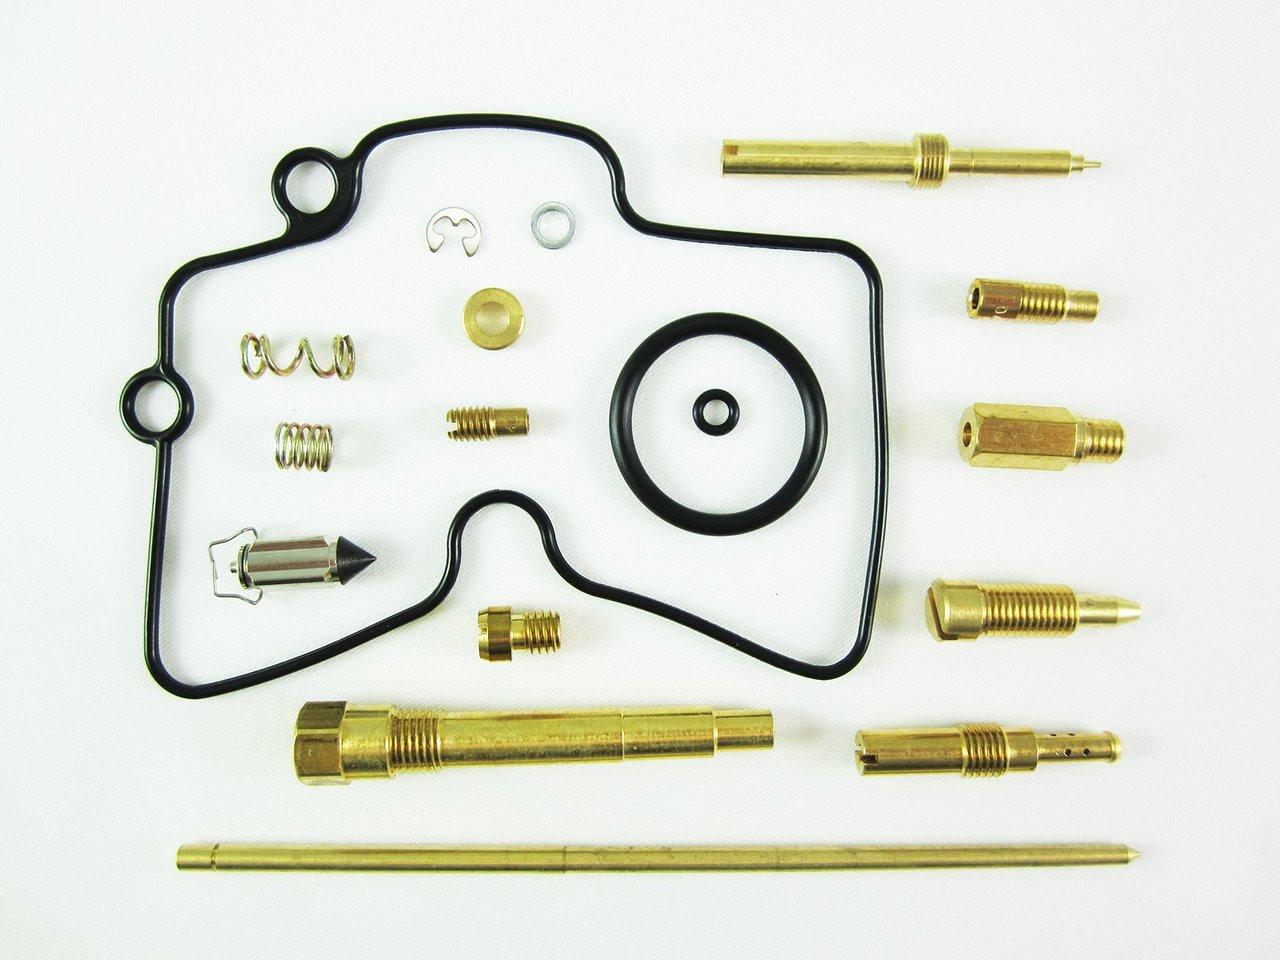 yamaha tt500 wiring diagram yamaha xs400 carb rebuild circuit diagram maker yamaha sr250 wiring diagram